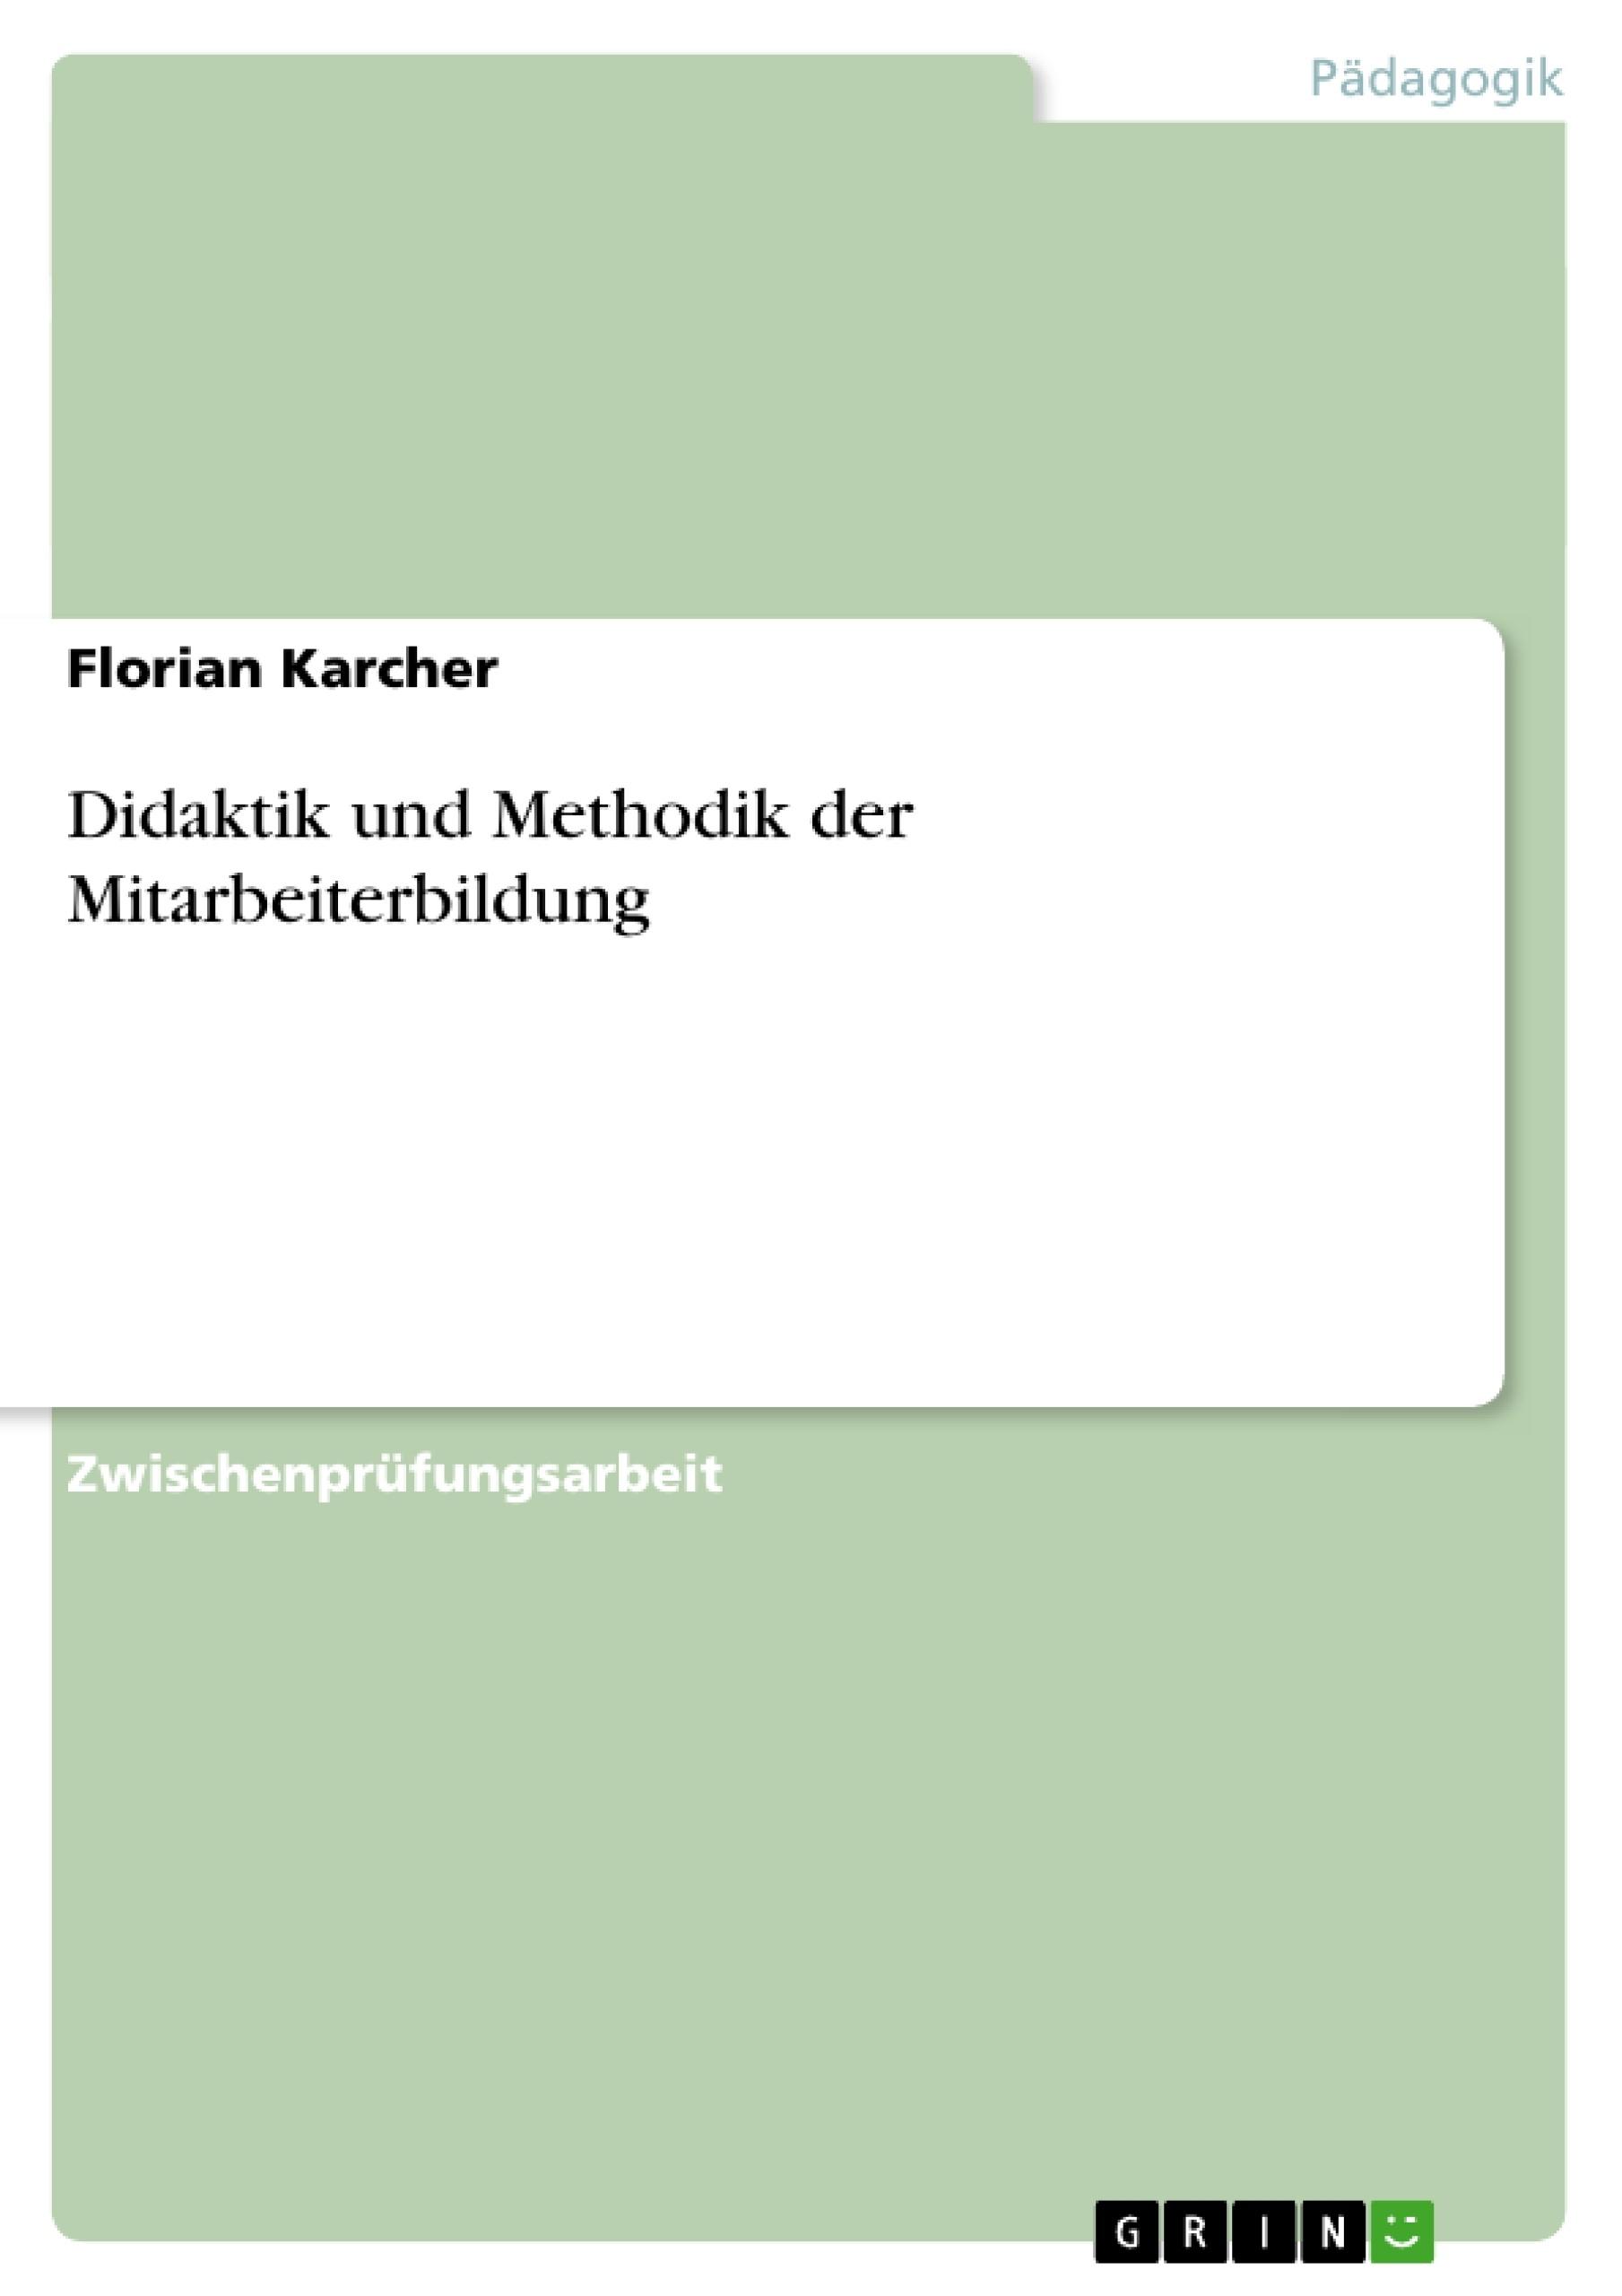 Titel: Didaktik und Methodik der Mitarbeiterbildung